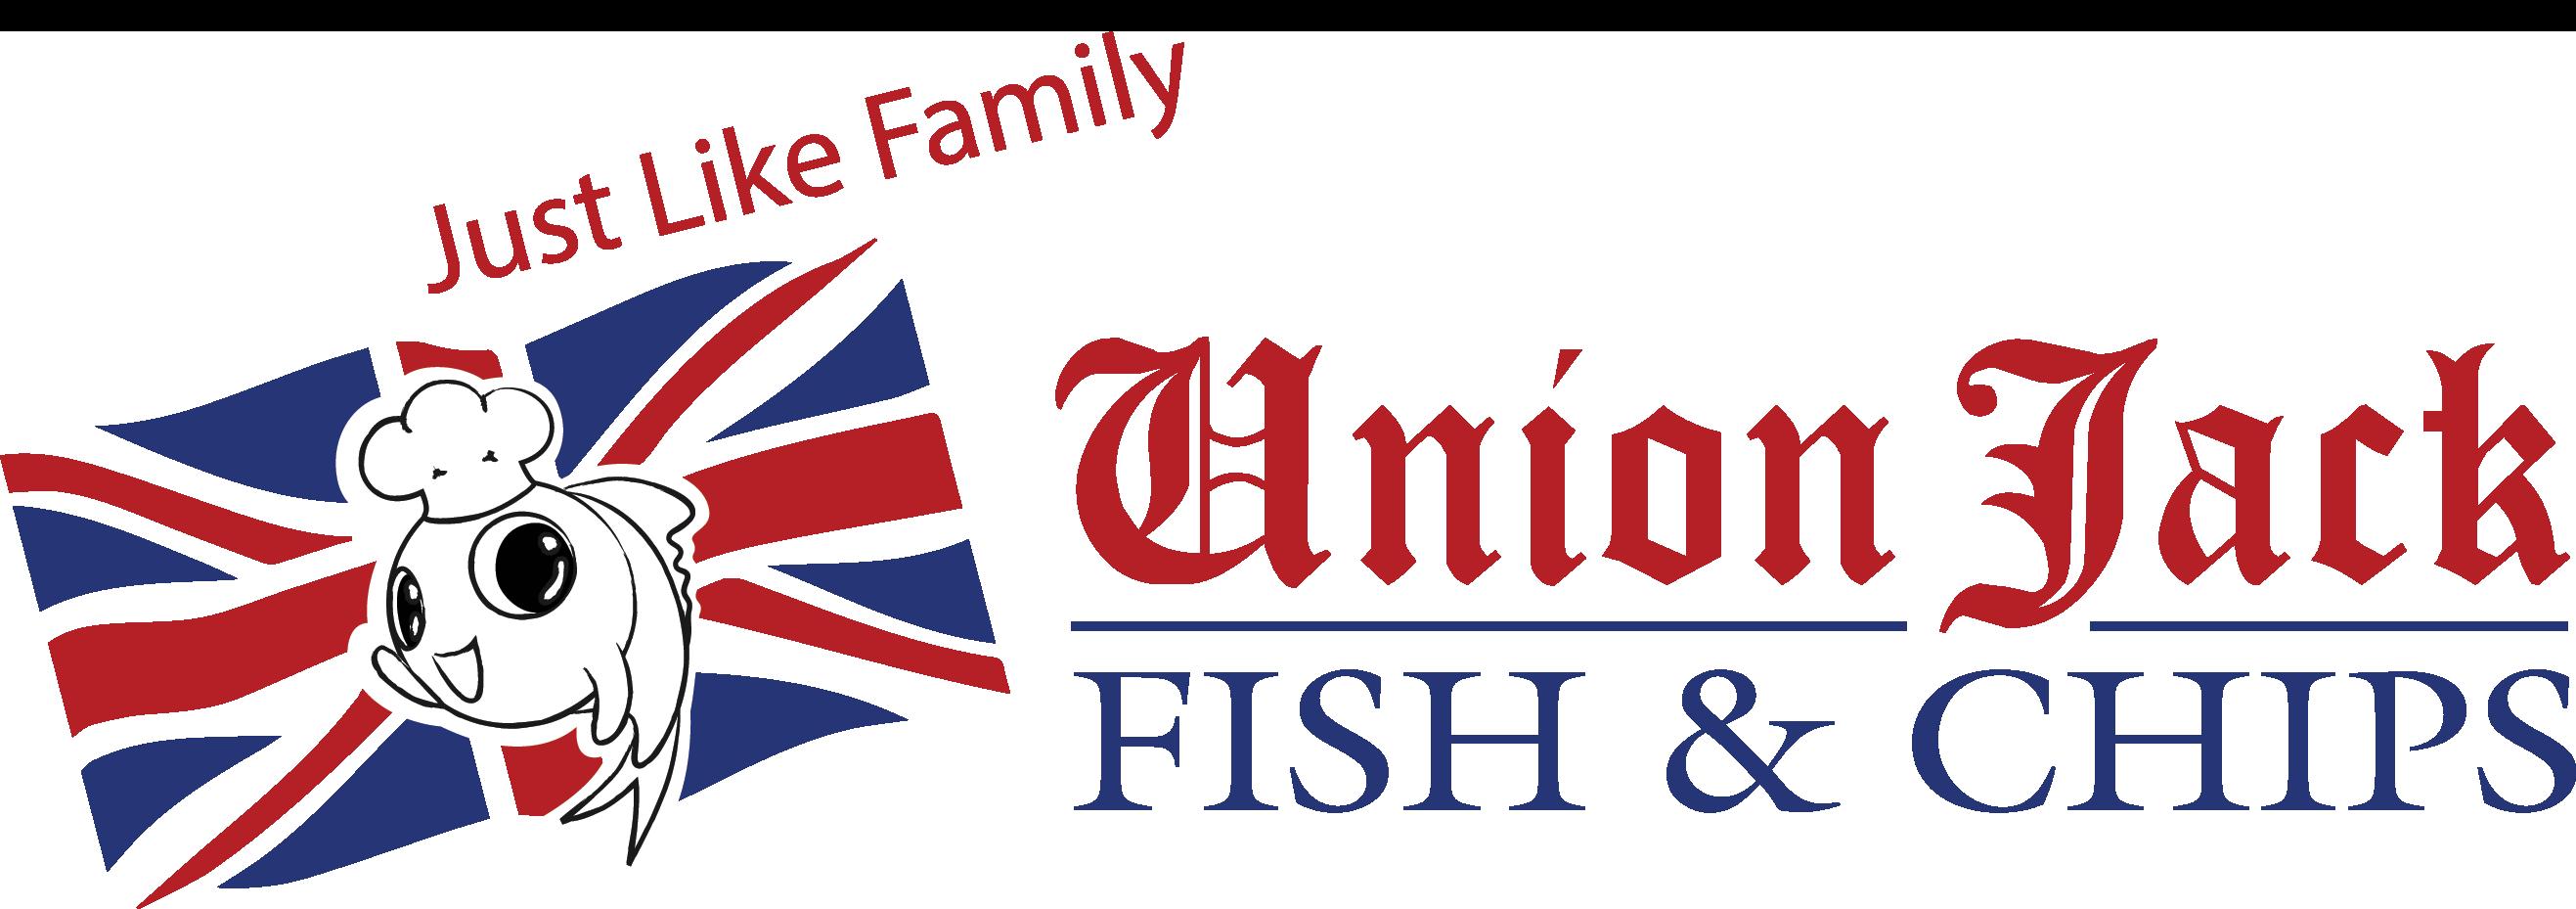 Union Jack franchise